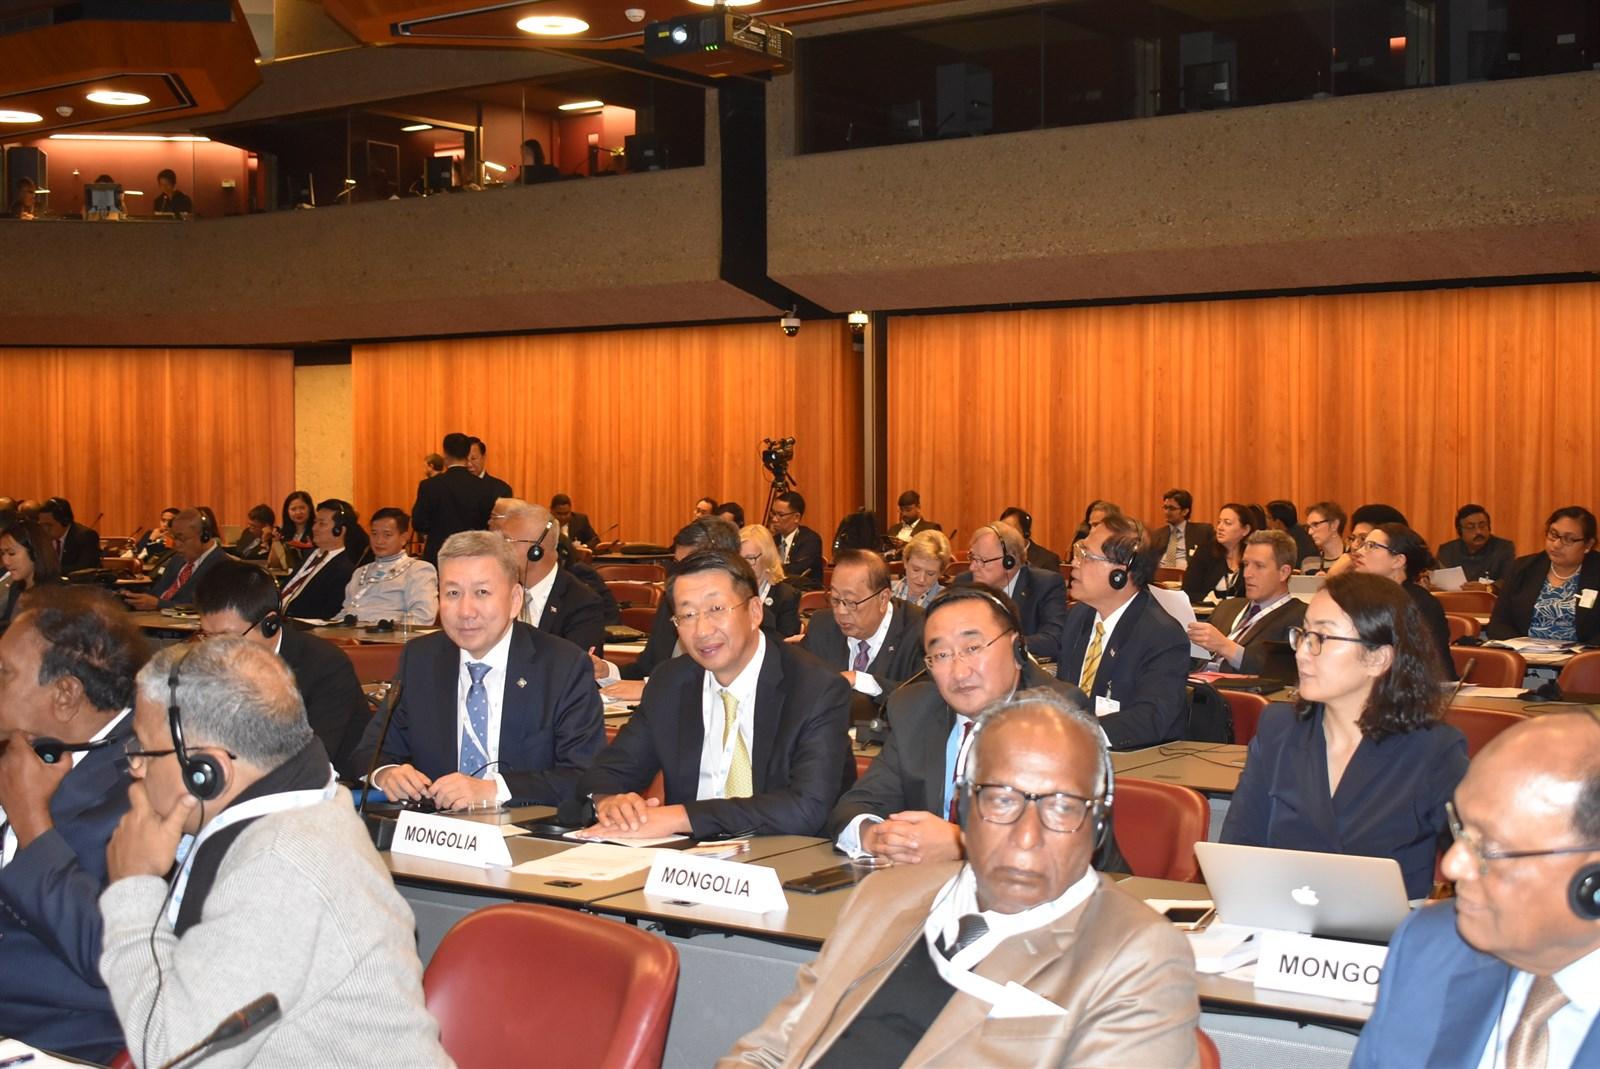 УИХ-ын дэд дарга Л.Энх-Амгалан тэргүүтэй төлөөлөгчид ОУПХ-ны Ассамблейн 139 дүгээр чуулганд оролцож байна